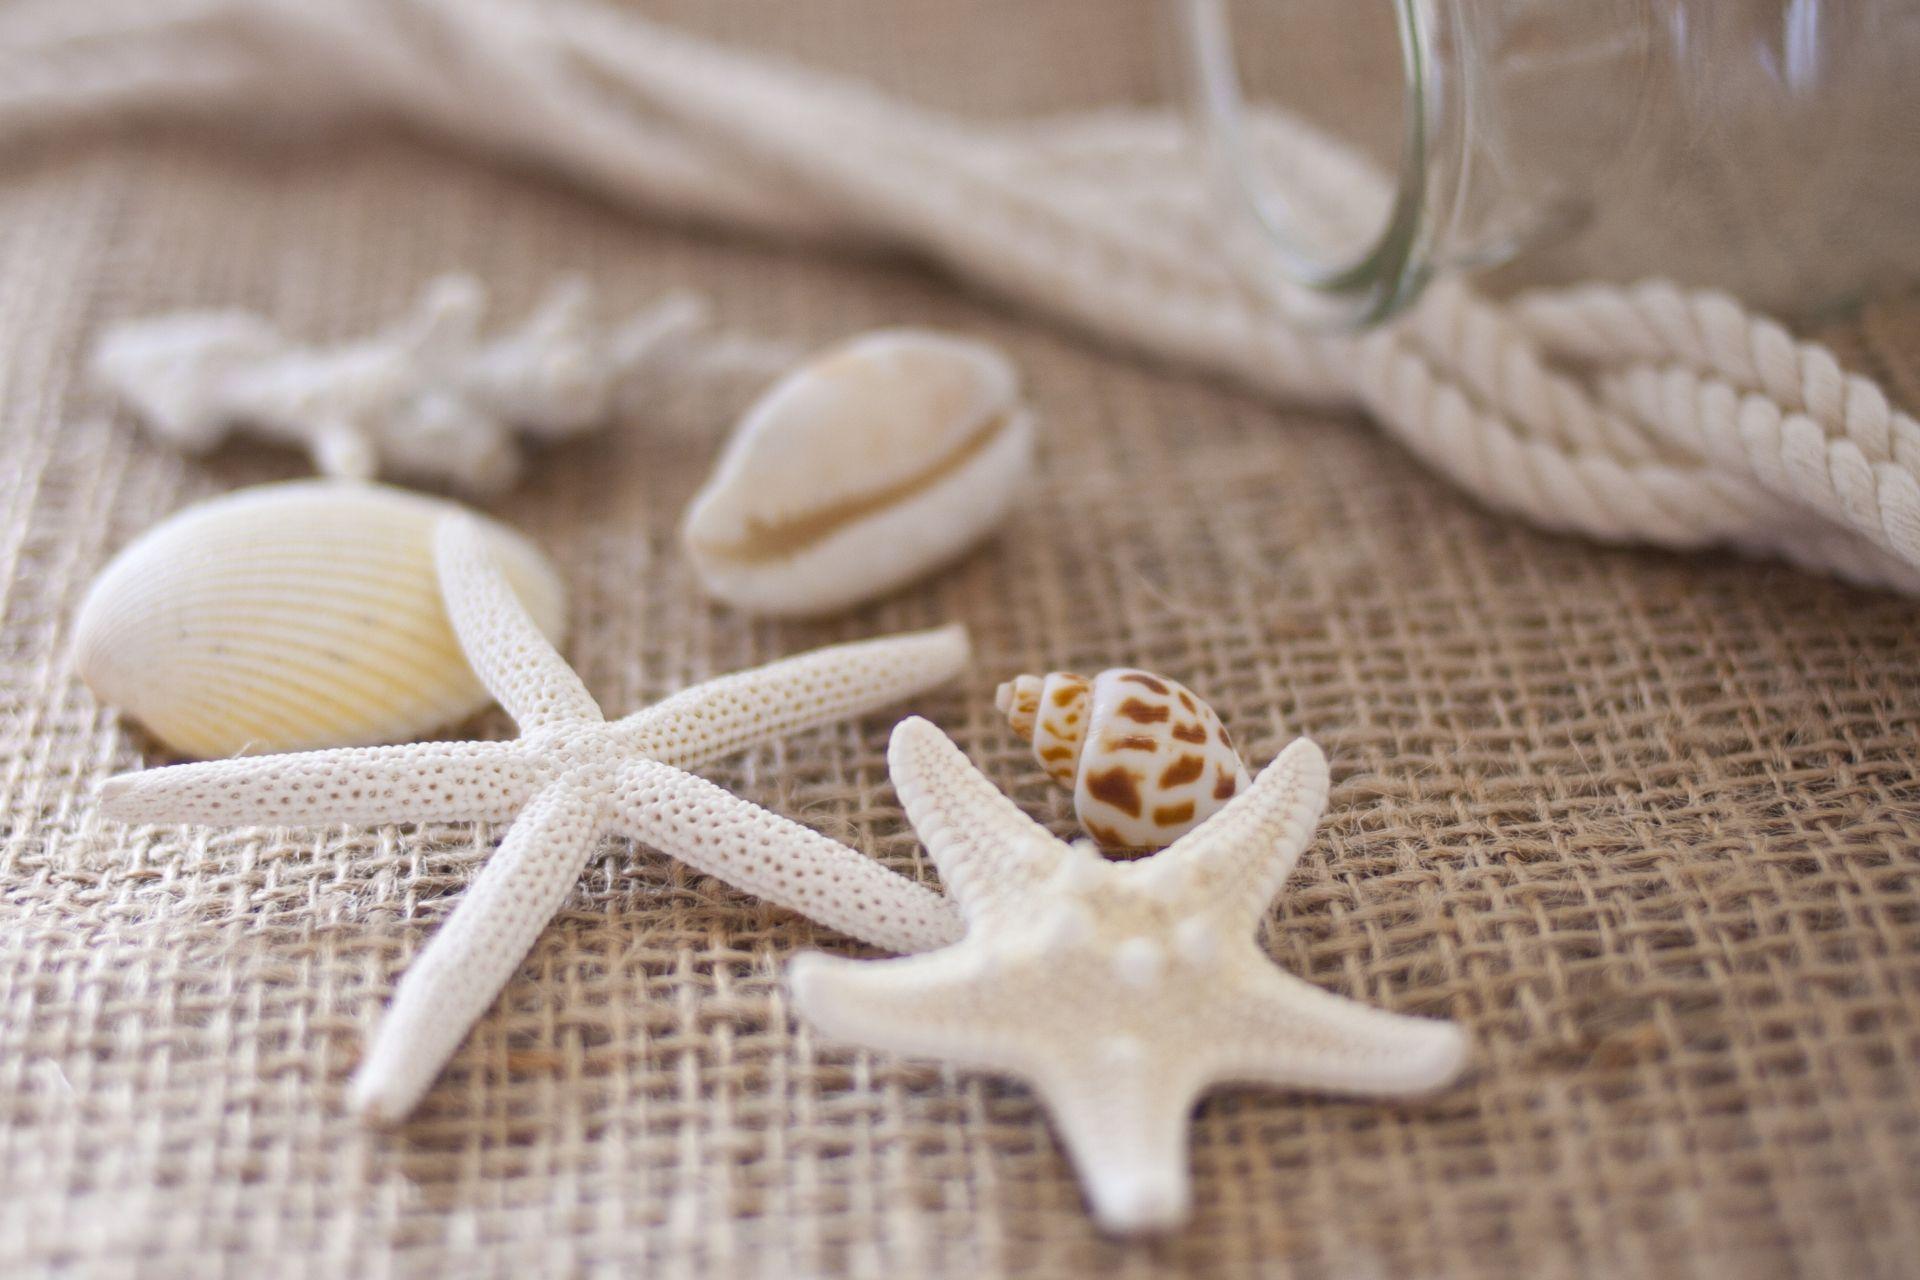 貝殻アイテム開運pc壁紙 美空間社長blog 暮らしを楽しむ